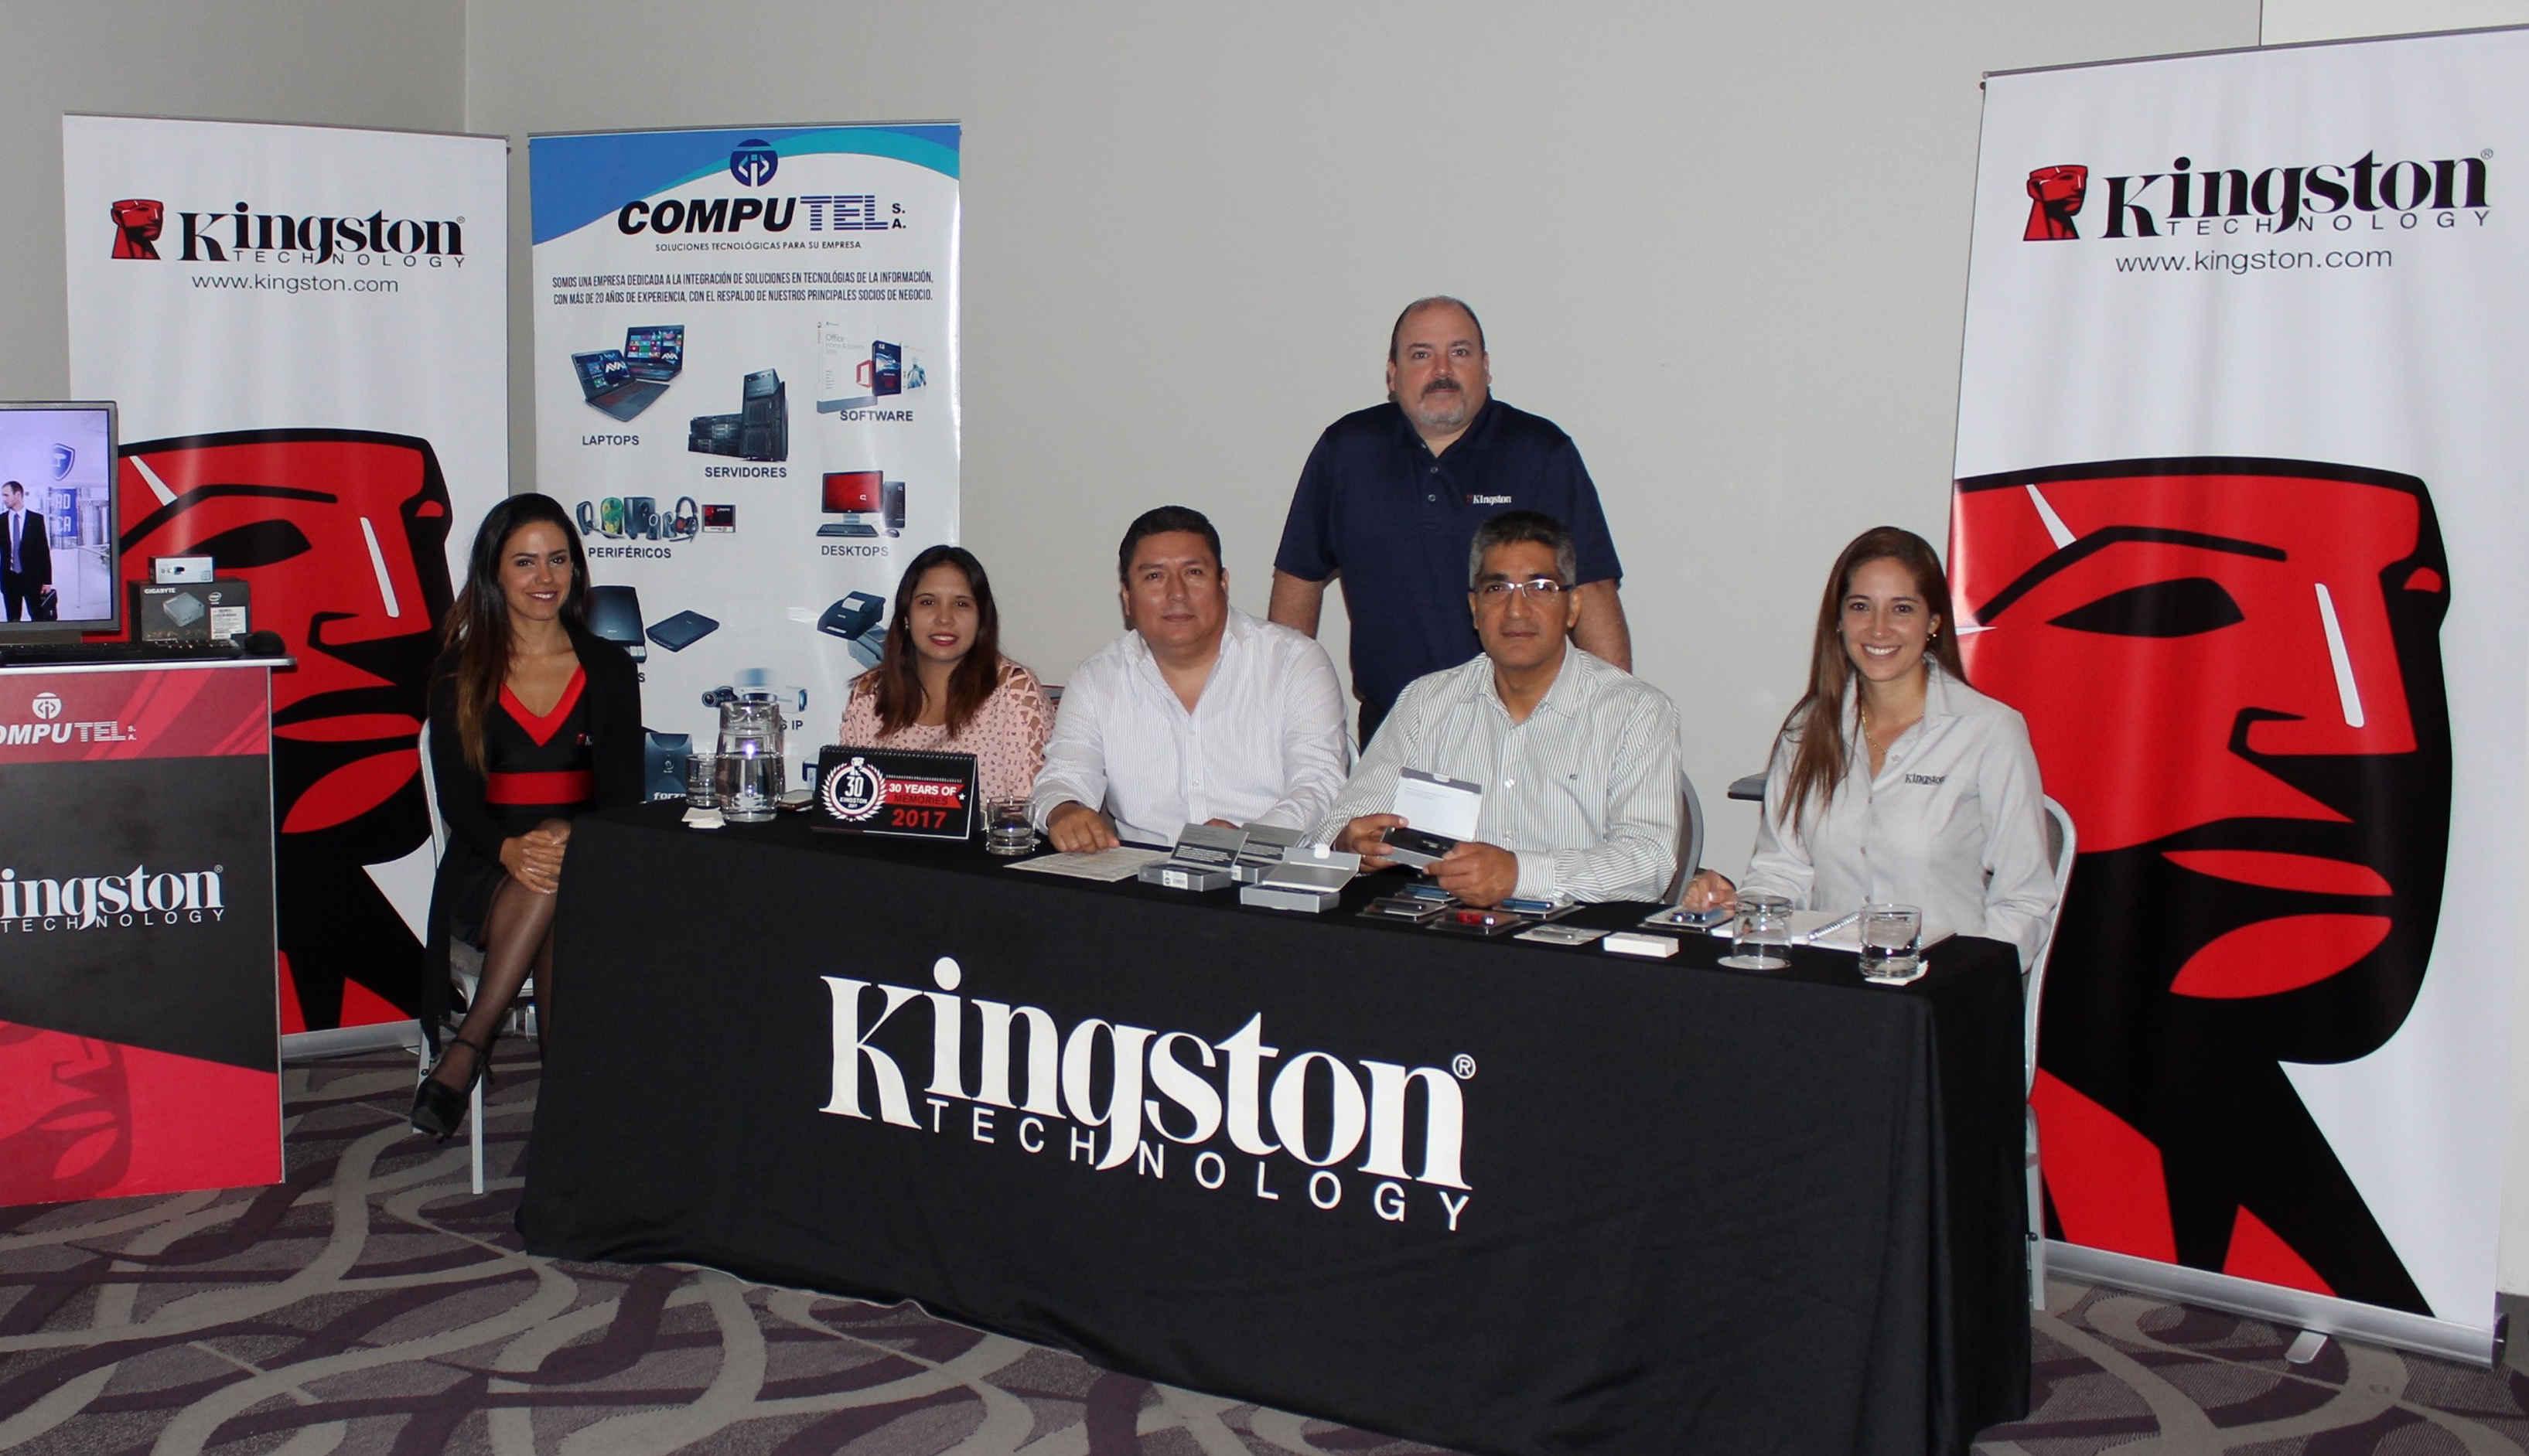 Kingston Technology Inc Kingston destac&...